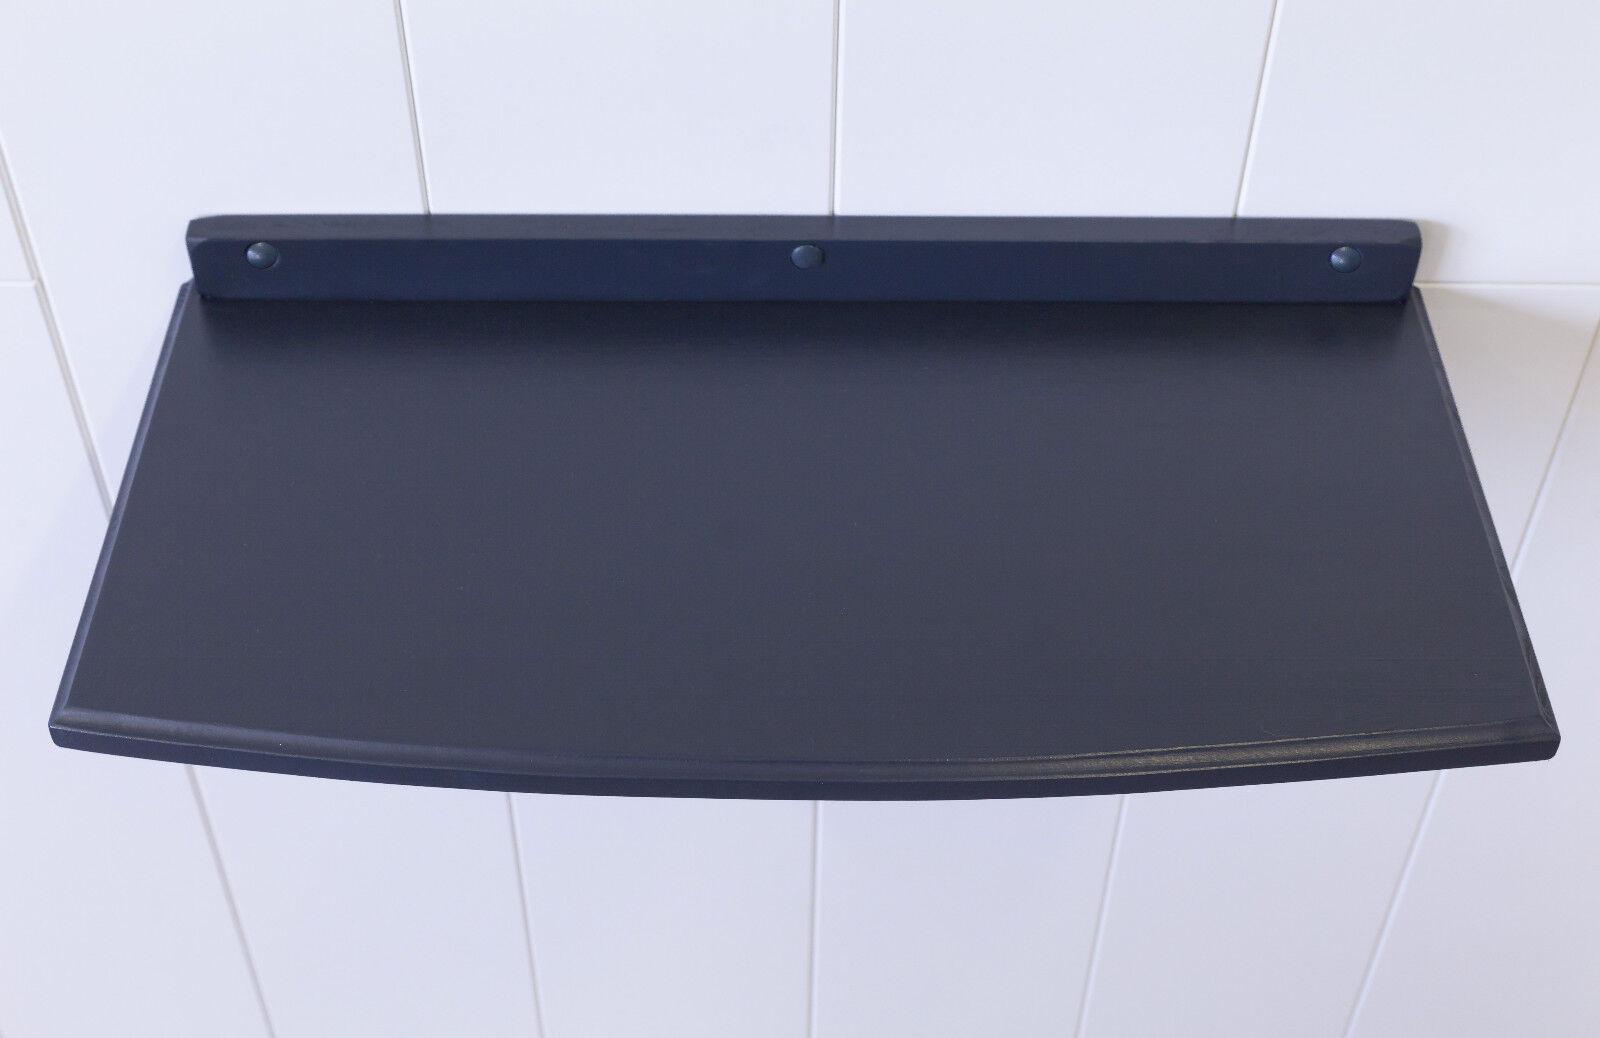 Gatti mobili, antigraffioMuro Scaffale Gatti, 60 cm di lunghezza x 40 cm di profondità. ANTRACITE 42b